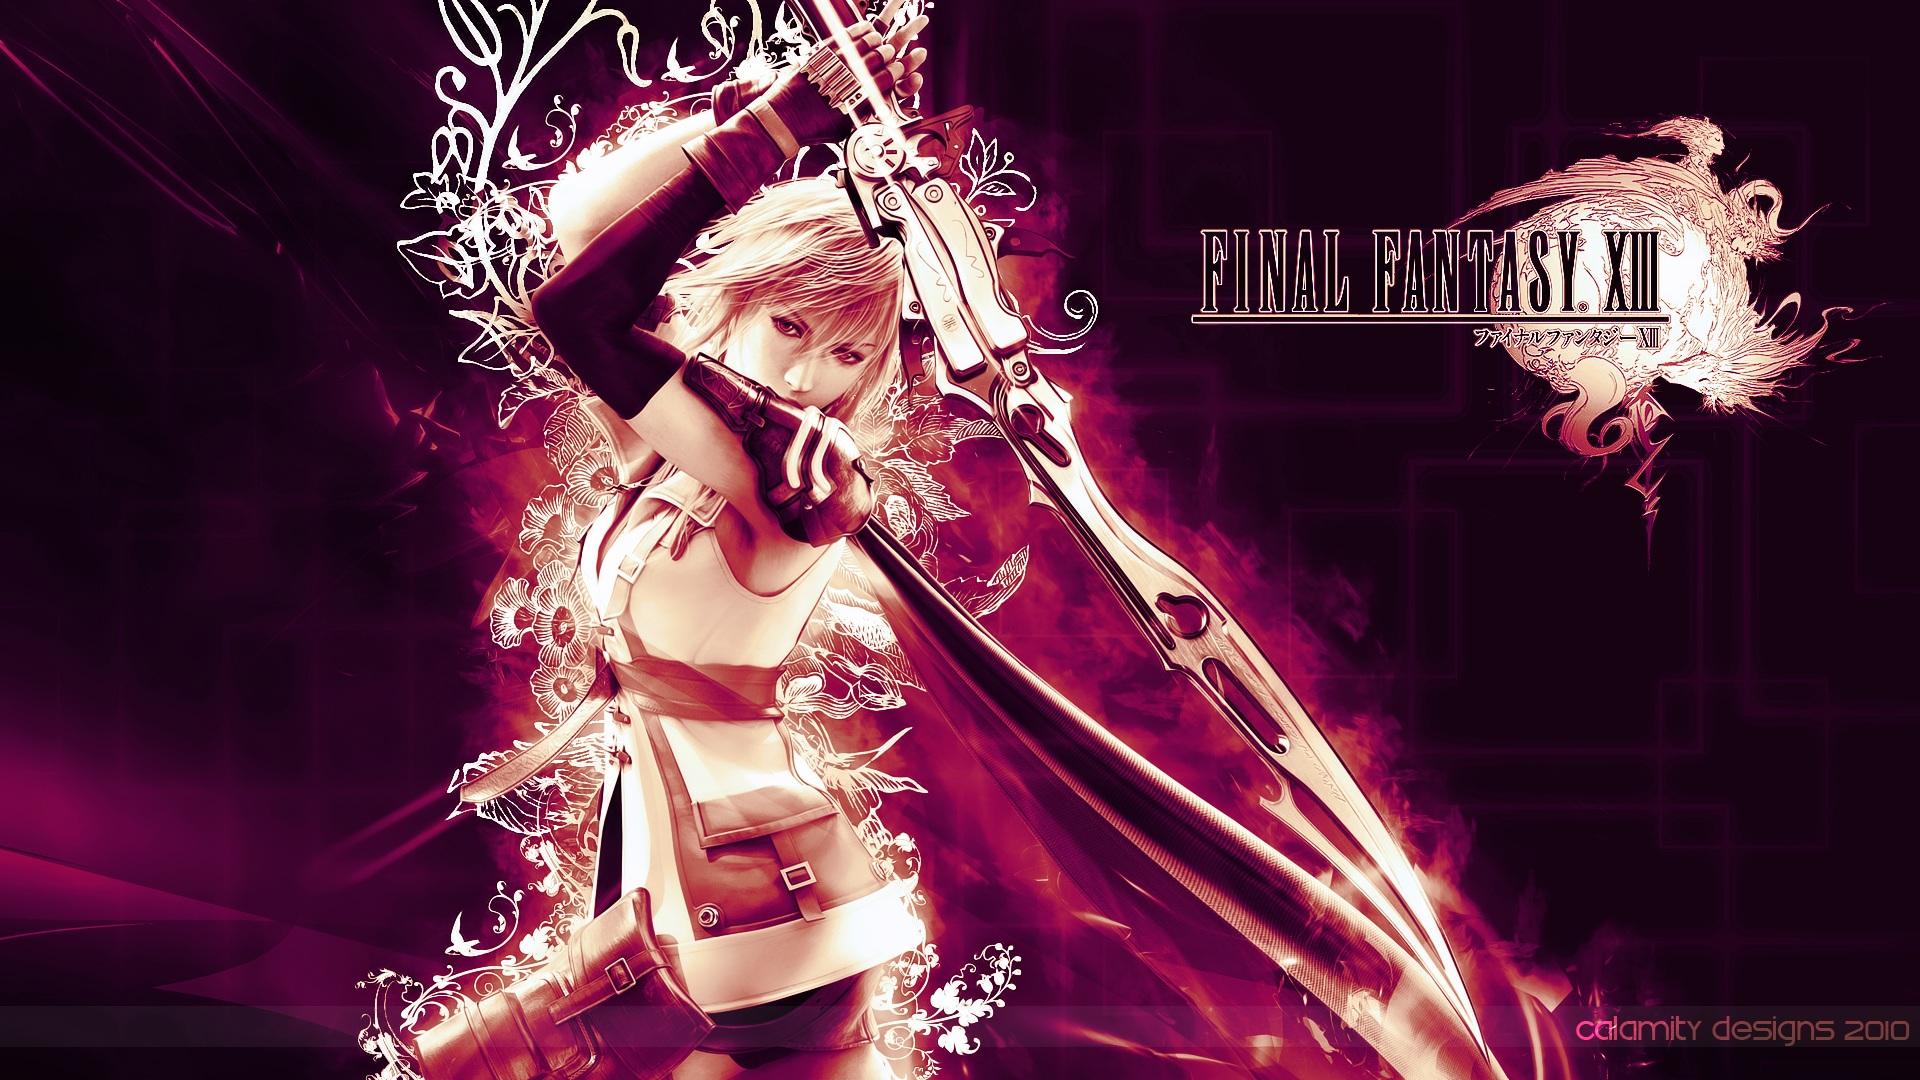 iVindictus 7 3 Lightning Returns Final Fantasy XIII Wallpaper by iVindictus